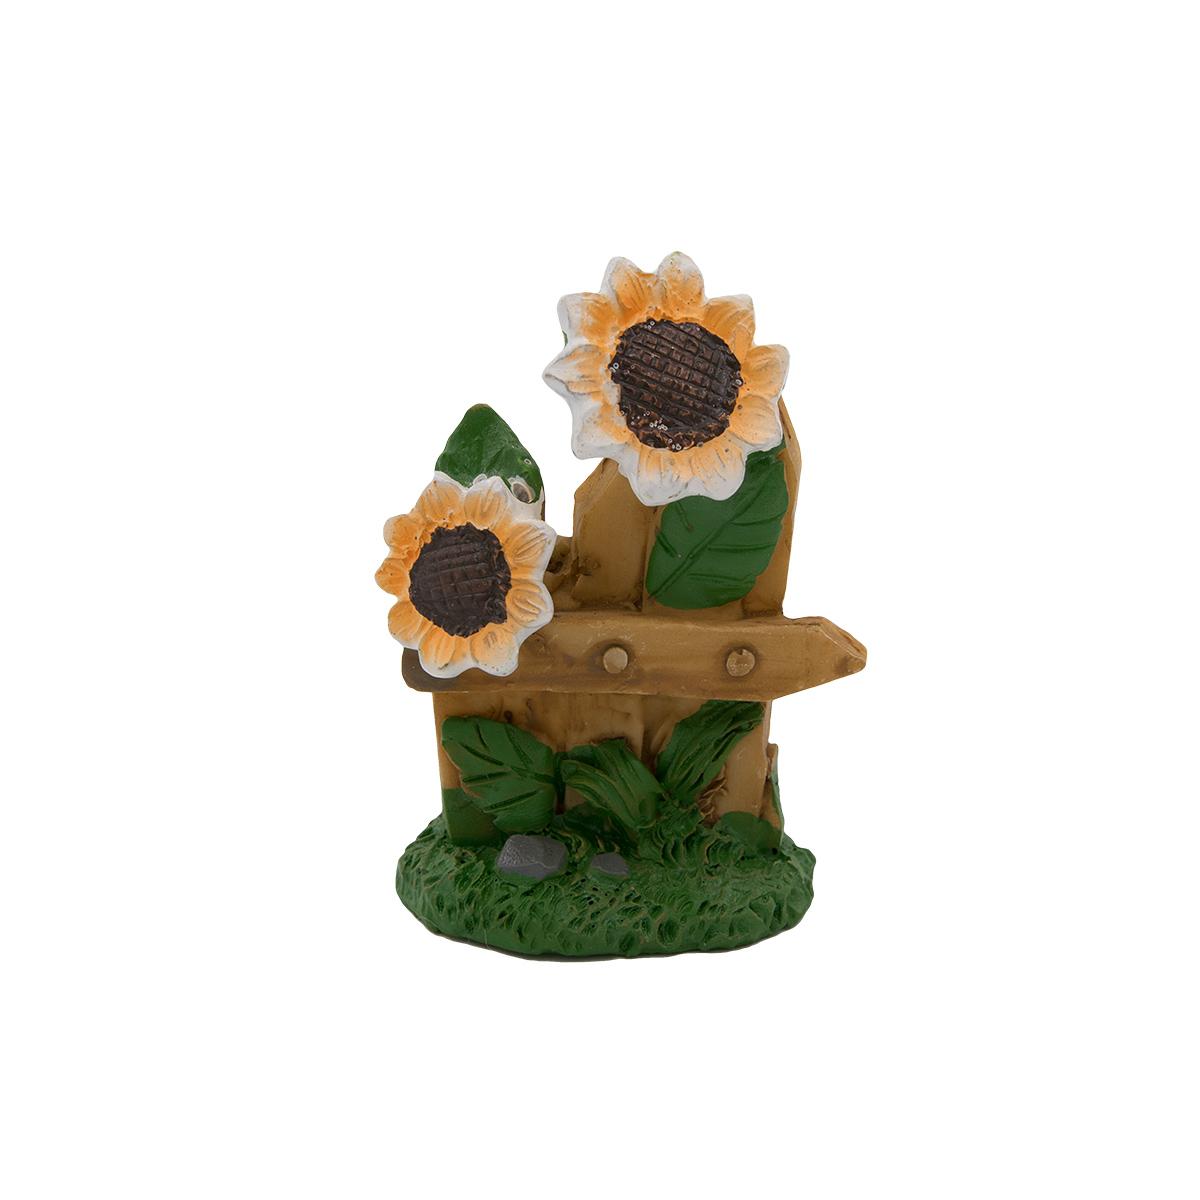 560816 Миниатюра Забор с цветами 4,5*2,5*6см, Астра